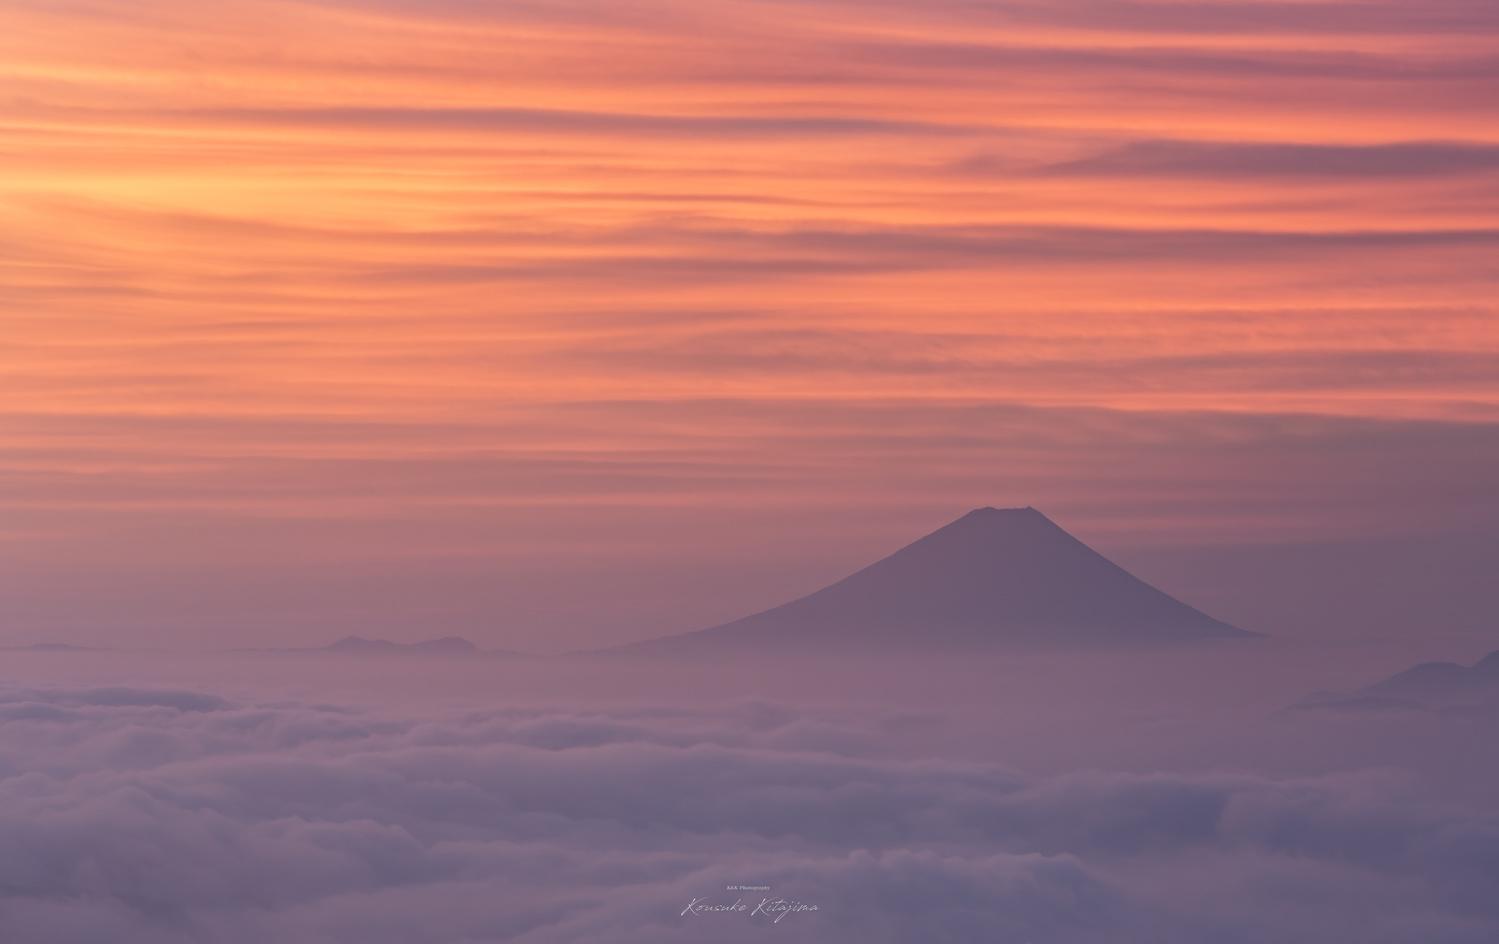 burning sky by kousuke kitajima